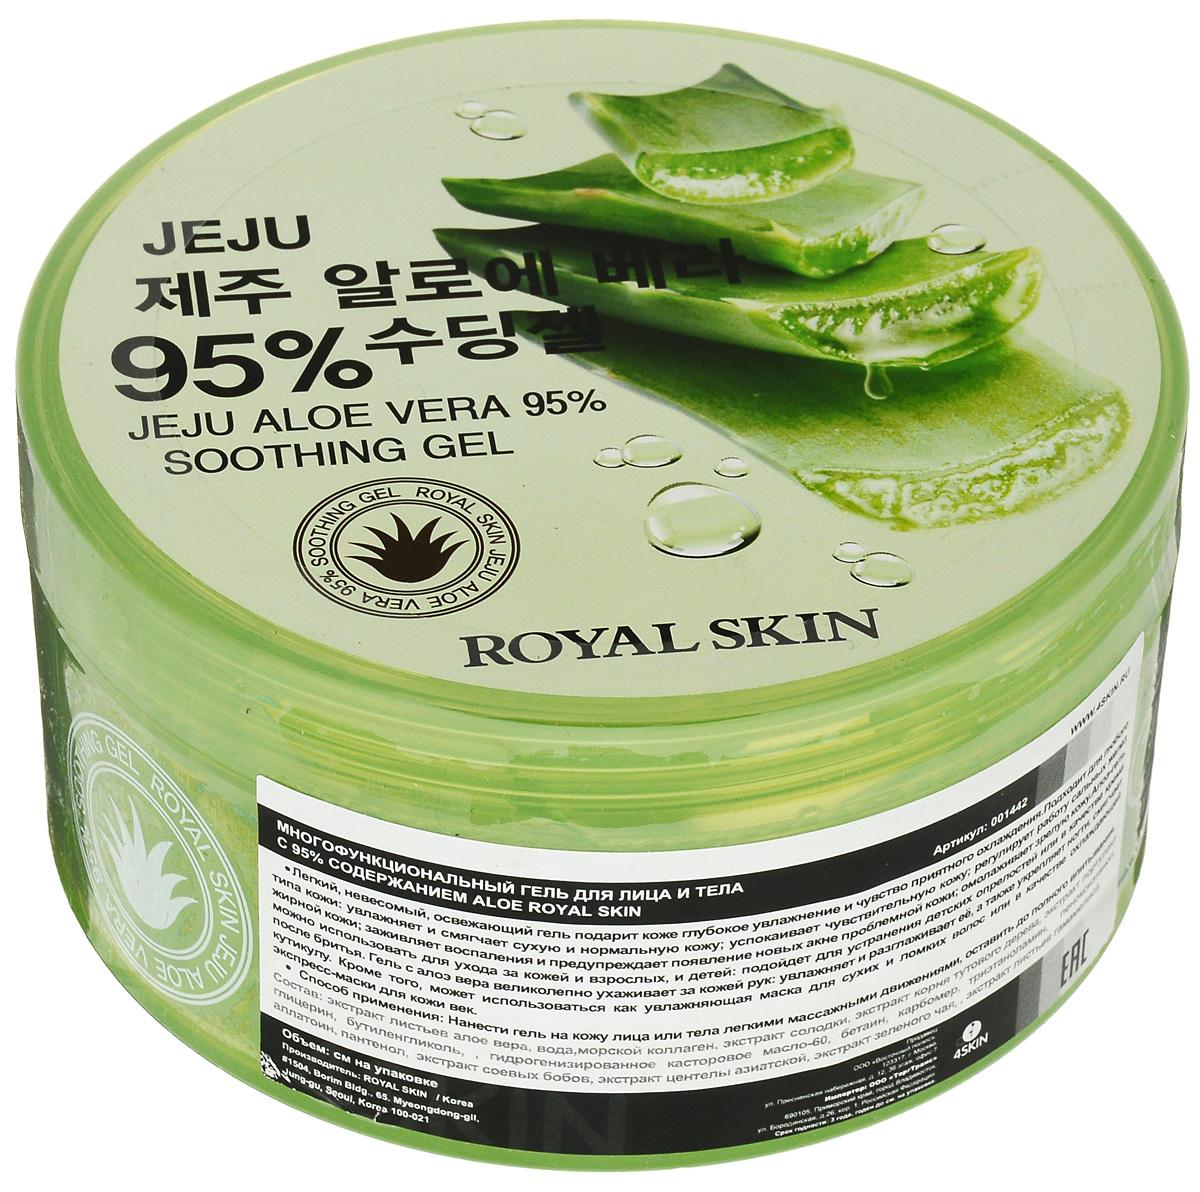 Royal SkinМногофункциональный гель для лица и тела с 95% содержанием Aloe, 300 мл Royal Skin